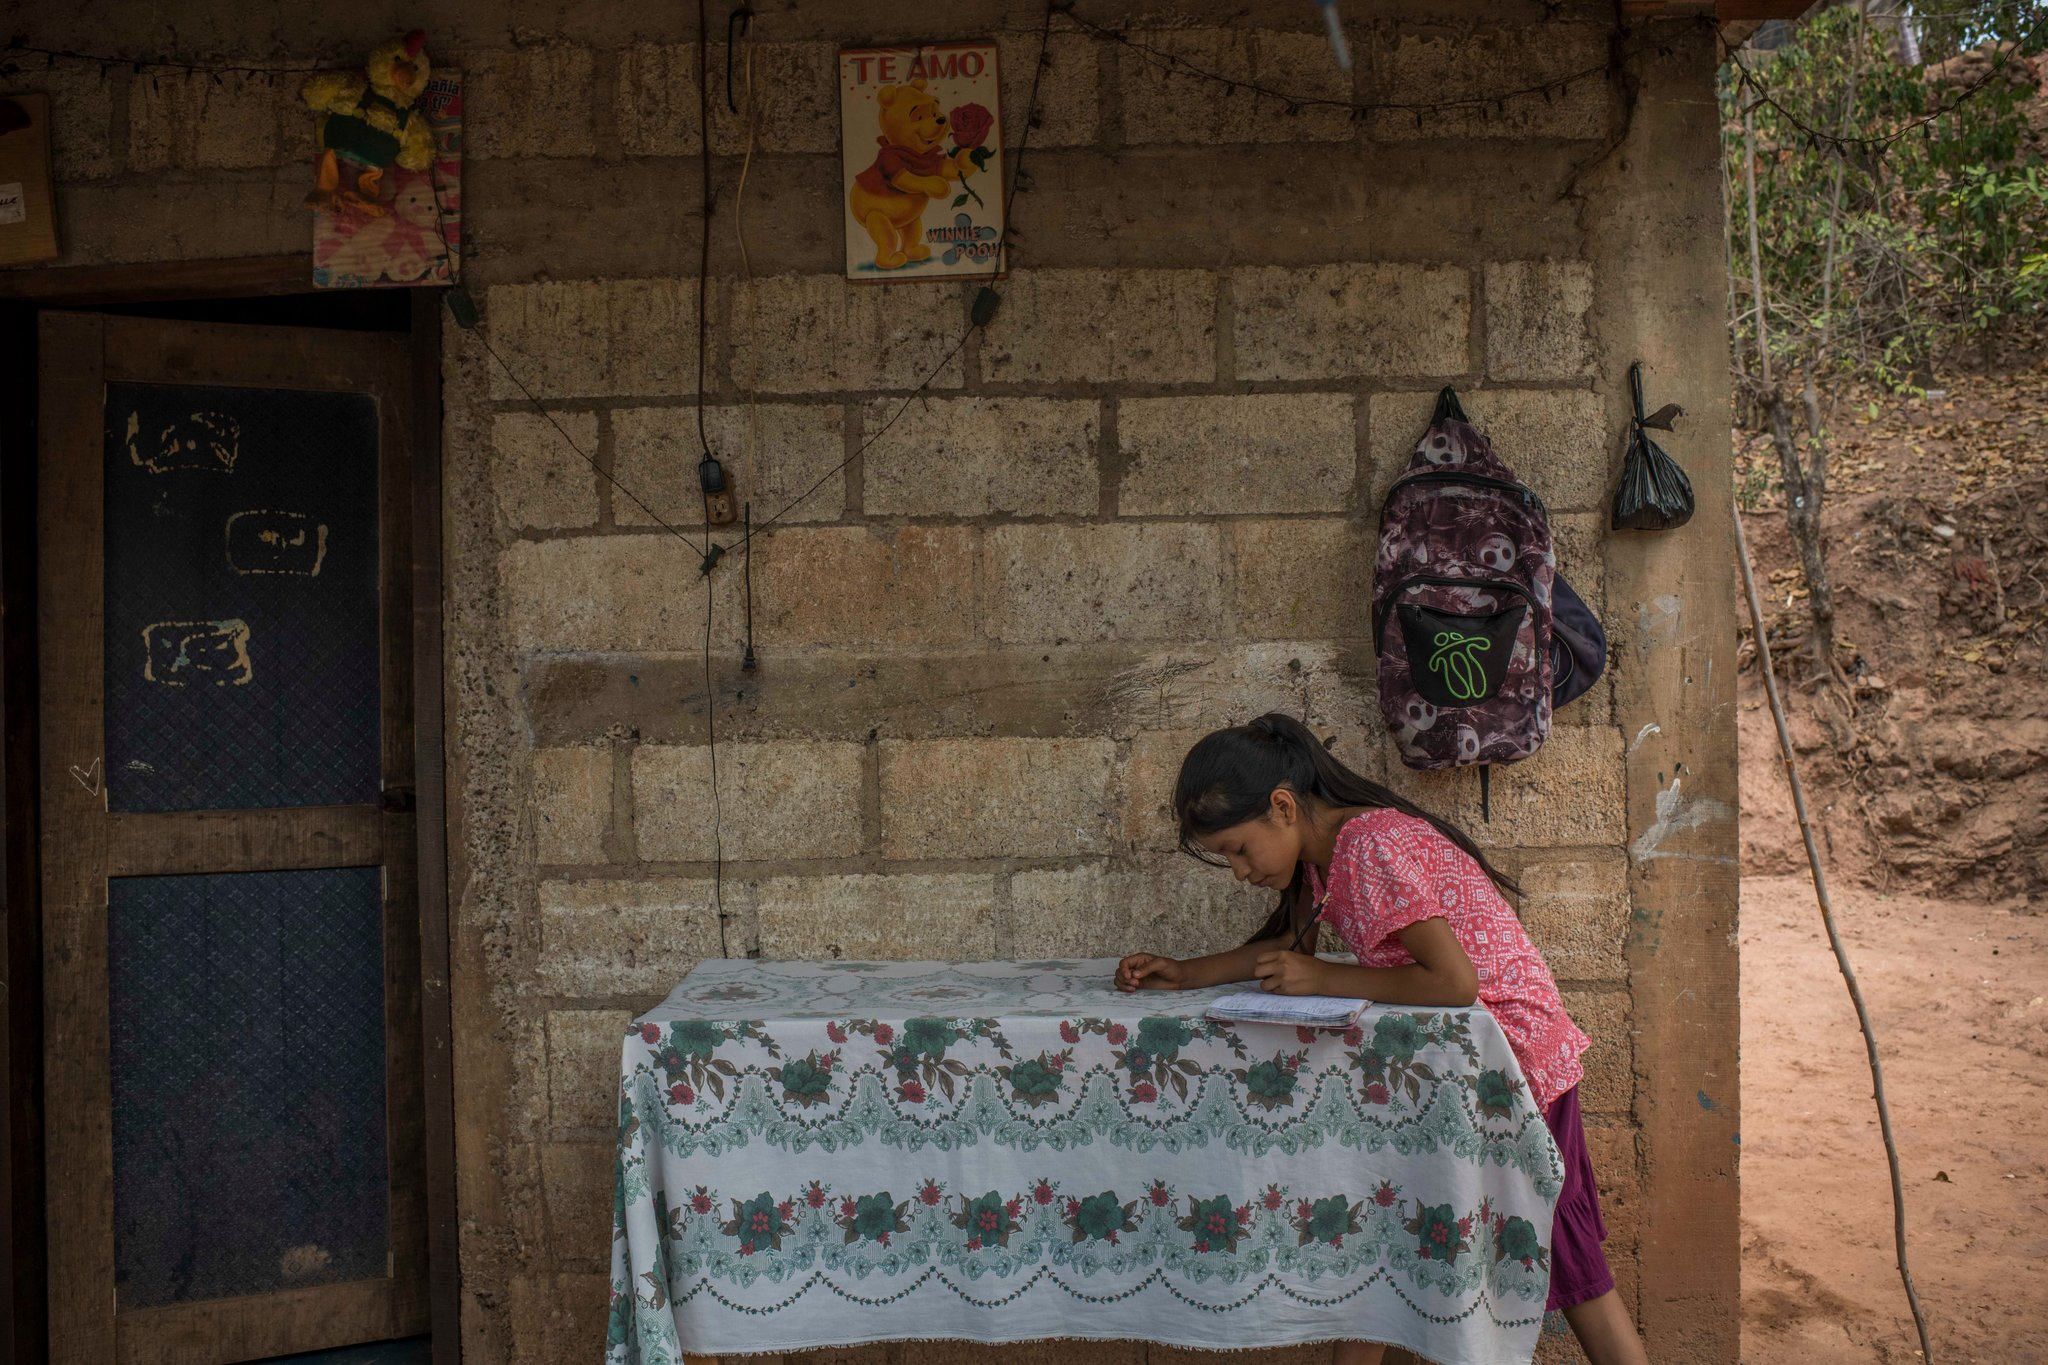 Gabriela Pablo hace la tarea, en el patio de su casa. (Daniele Volpe para The New York Times)